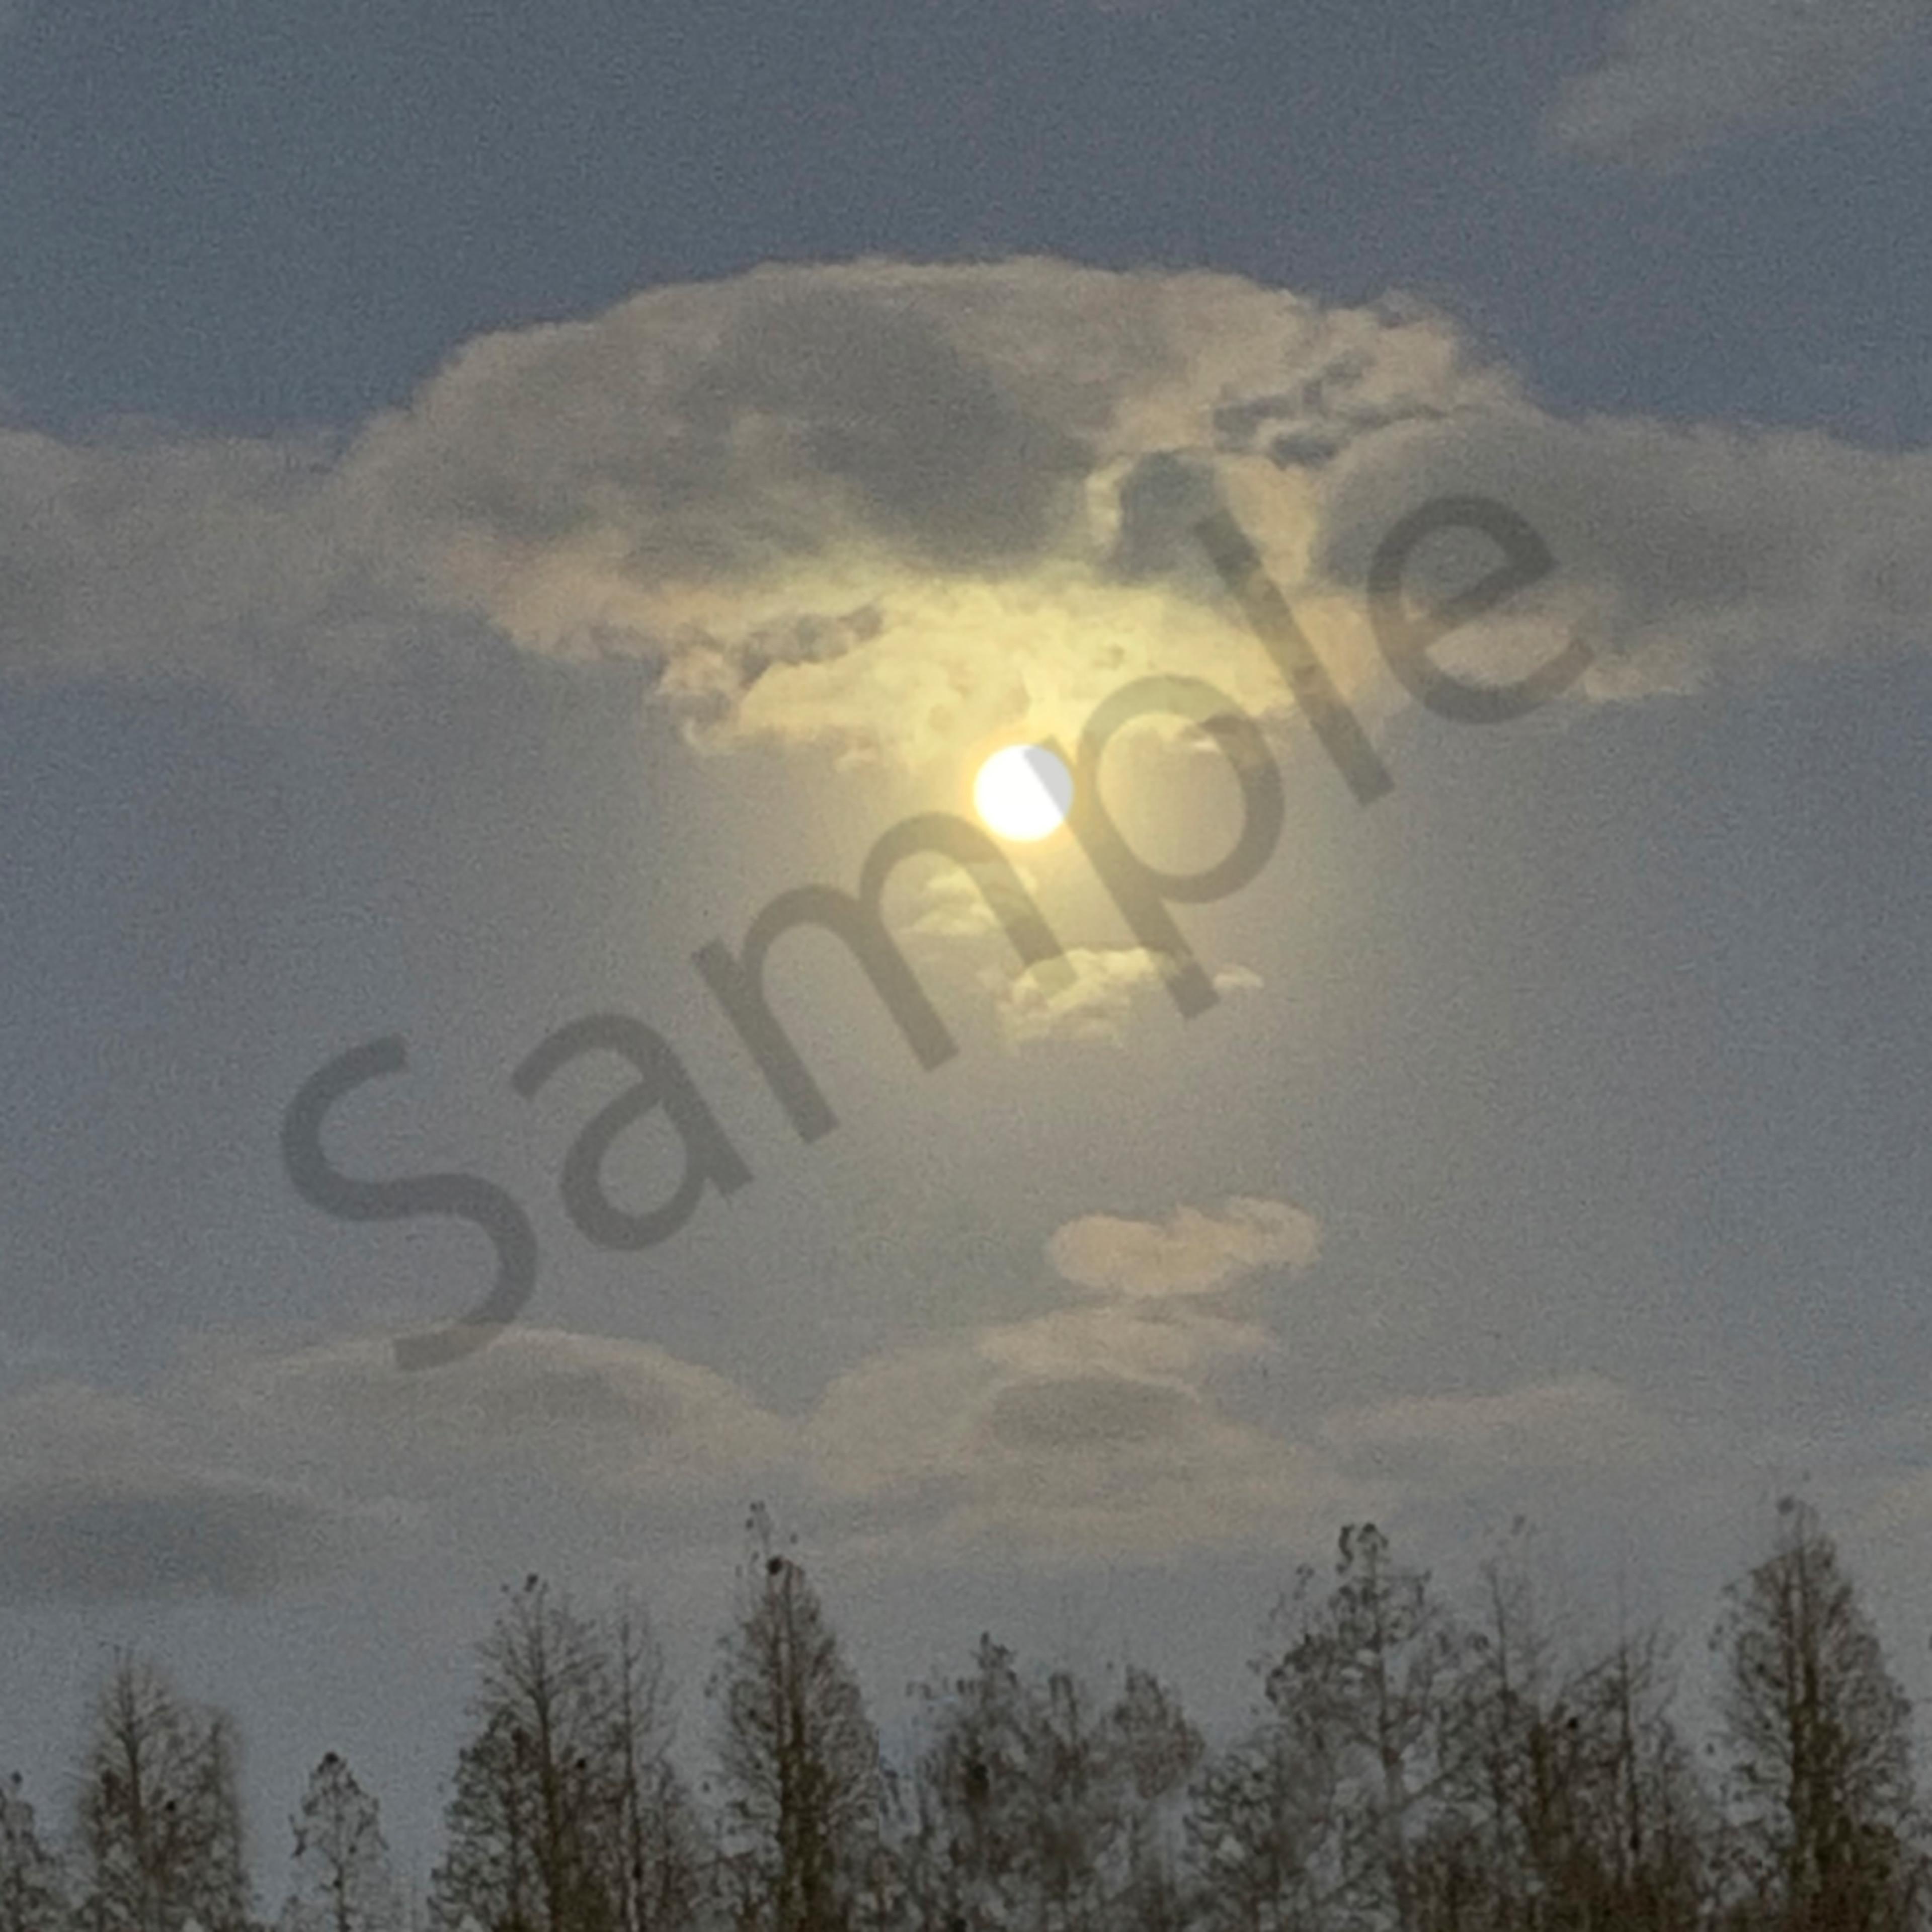 Full moon over the pines z8qsjv